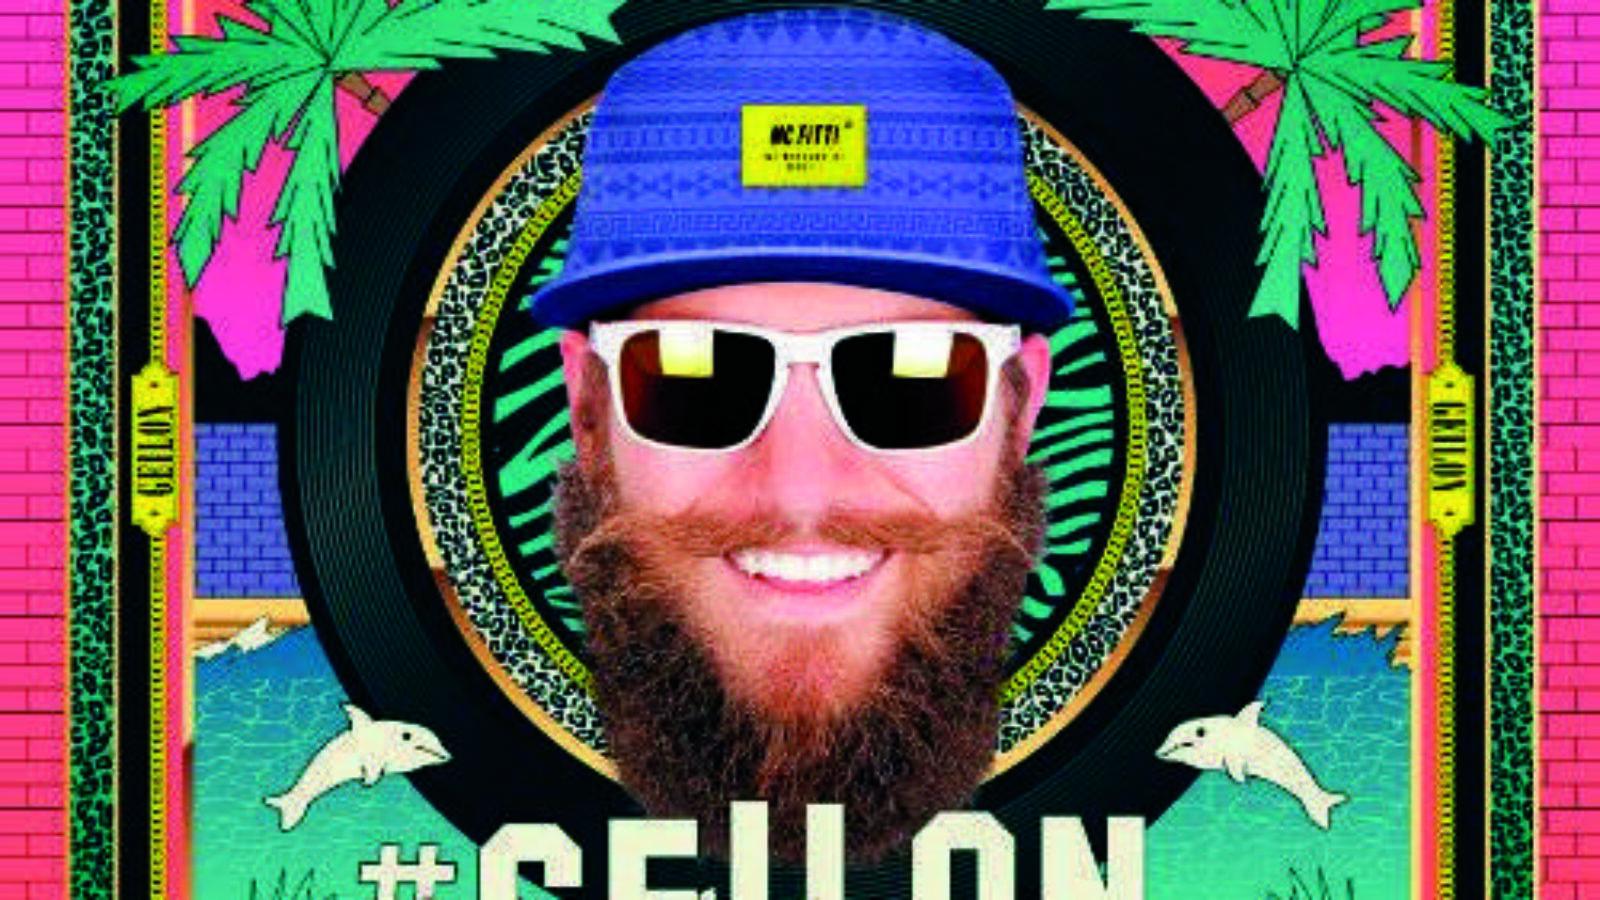 MC FITTI #Geilon